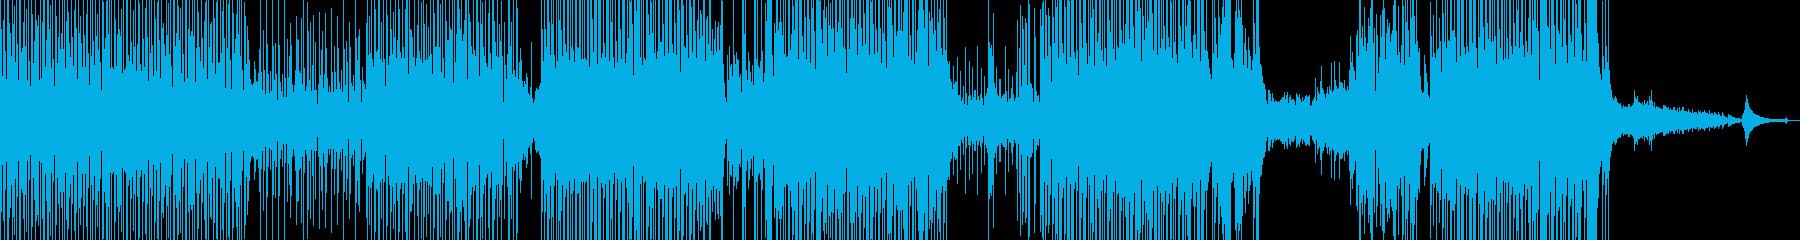 ギター・涼しいポップ 後半ドラム・長尺Bの再生済みの波形